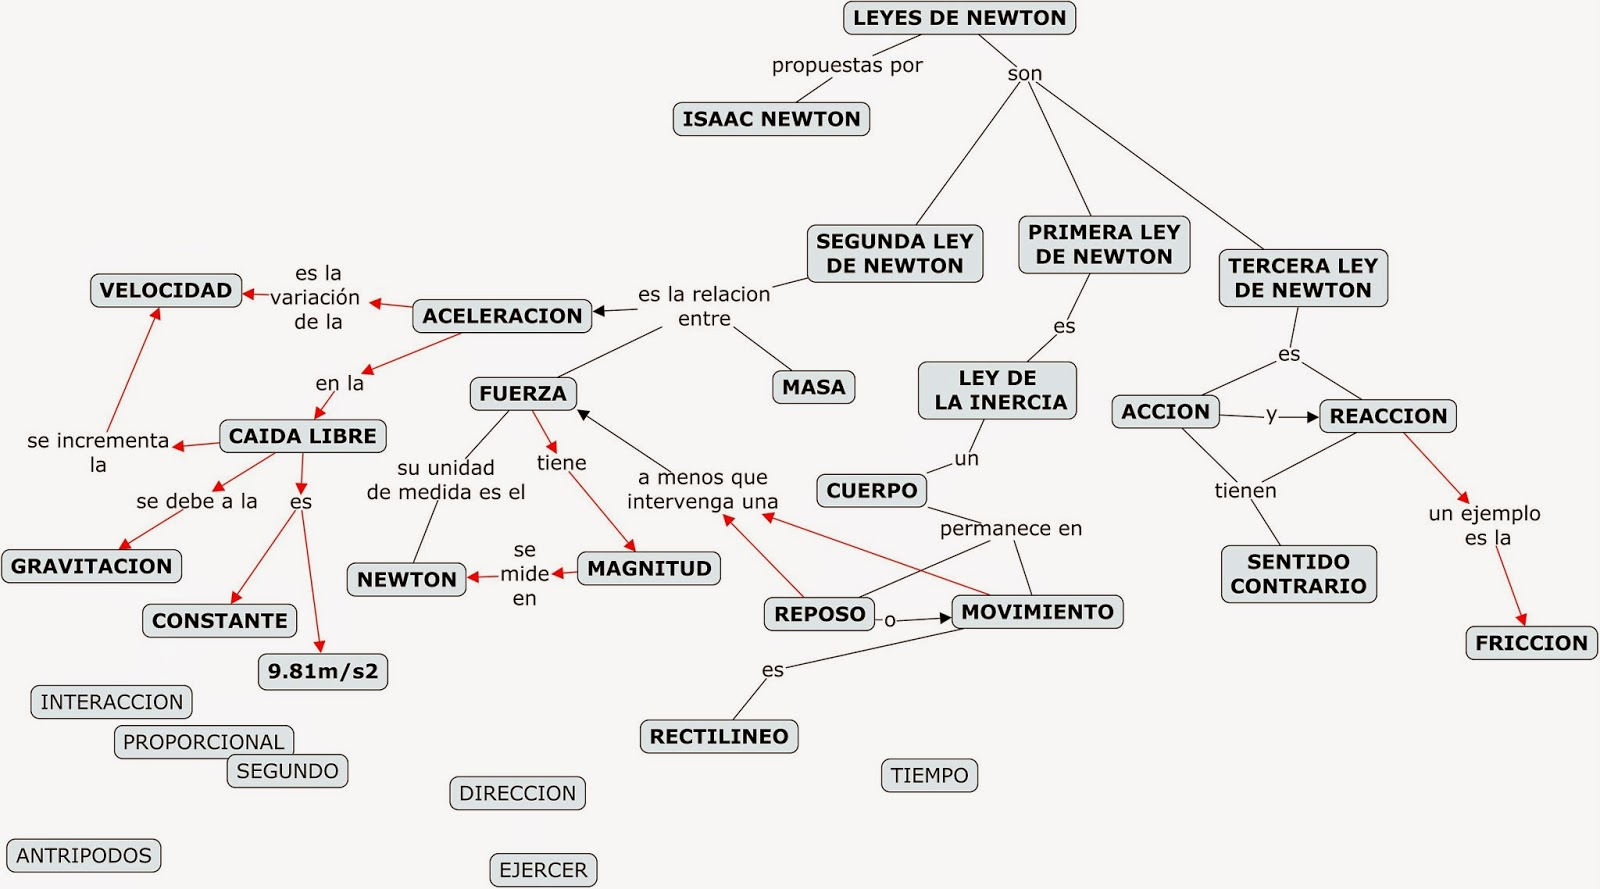 Funciones qumicas inorgnicas aprendiendo ciencias este es el mapa conceptual que est construyendo el grupo de 2 a por favor cpienlo escrbanlo en su cuaderno o imprmanlo y agreguen las palabras que urtaz Choice Image